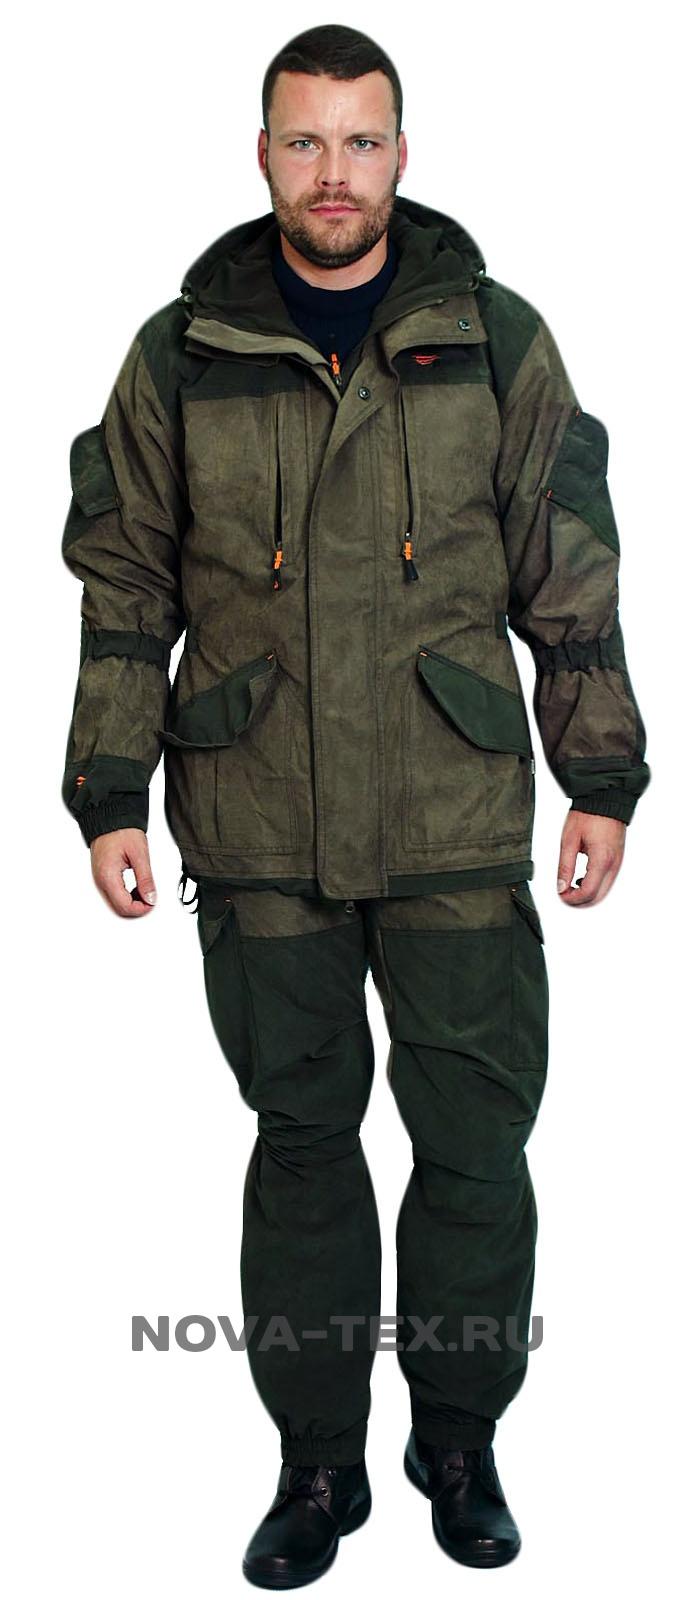 Костюм мужской Магнум осень (финляндия, Костюмы утепленные<br>Костюм «Магнум» Осень (ТМ «PRIDE of the hunter») <br>- разработан на основе знаменитого военного <br>костюма «Горка». В этом костюме гармонично <br>сочетается проверенный временем анатомический <br>крой и современные ветро-влагозащитные <br>материалы. В результате сурового коктейля <br>из апробированных и инновационных технологий <br>мы и получаем костюм «Магнум» Осень. Верх <br>костюма изготовлен из современной мембранной <br>ткани «Финляндия», прекрасно защищающей <br>от дождя и ветра, подкладка - из мягкого <br>гипоаллергенного флиса который создает <br>комфортные условия для тела. Костюм «Магнум» <br>Осень рекомендуется для охотников, рыбаков, <br>туристов, любителей военно-спортивных игр <br>и силовых структур. Особенности модели: <br>-ветрозащитная ткань -влагозащитная ткань <br>-основная ткань - мембрана -водонепроницаемость <br>- 5000 -паропроницаемость - 5000 -анатомический <br>крой -куртка регулируется по талии -усиление <br>по плечам -усиление на локтях -усиление <br>на коленях -усиление по низу брюк -двойная <br>ветрозащитная планка -утяжки в области <br>локт<br><br>Пол: мужской<br>Размер: 44-46<br>Рост: 170-176<br>Сезон: демисезонный<br>Цвет: оливковый<br>Материал: текстиль